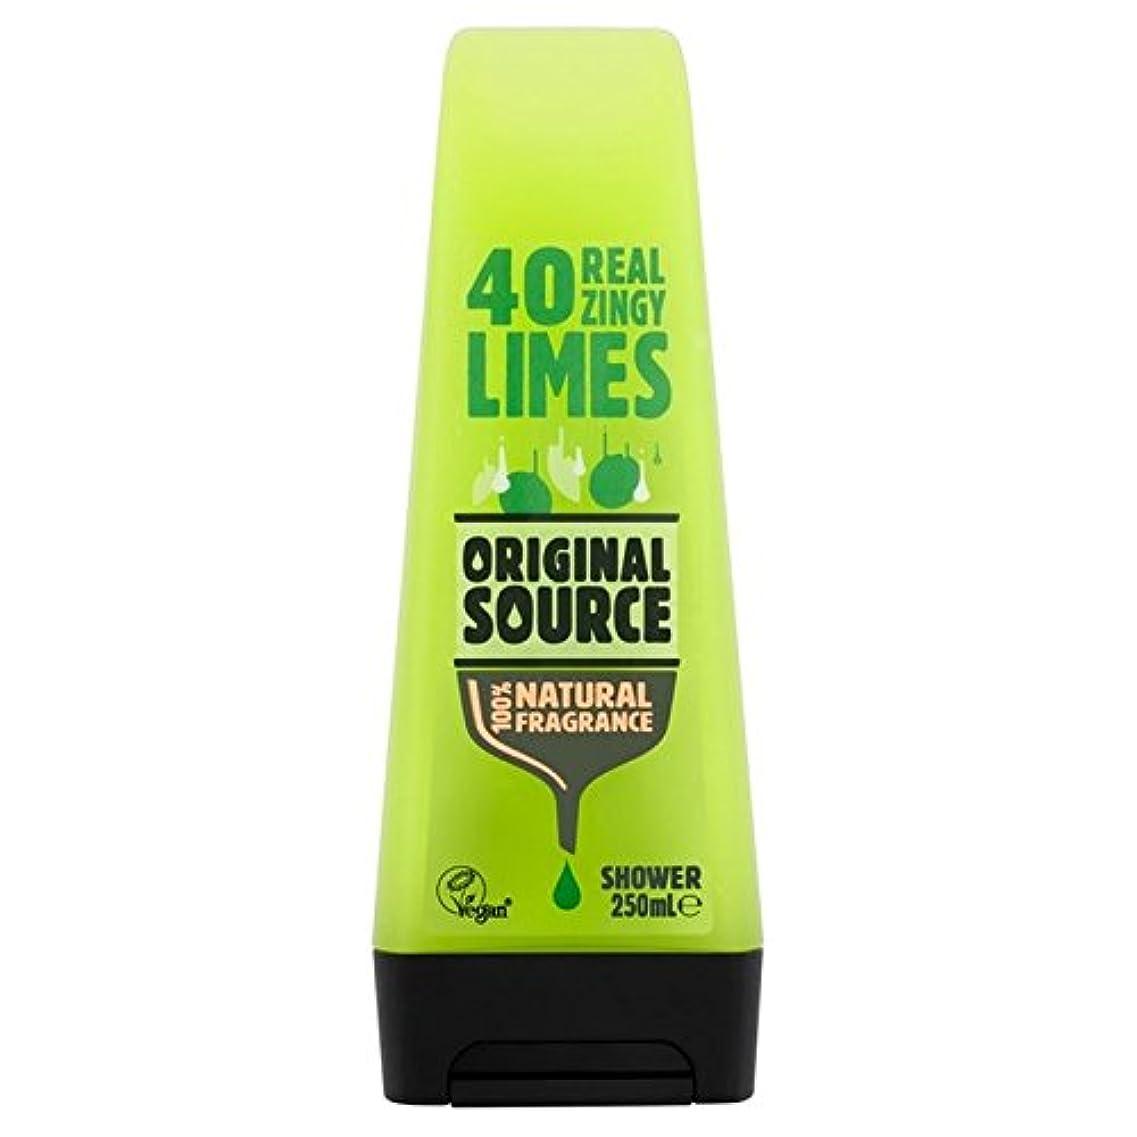 意識直径行列Original Source Lime Shower Gel 250ml - 元のソースライムシャワージェル250ミリリットル [並行輸入品]